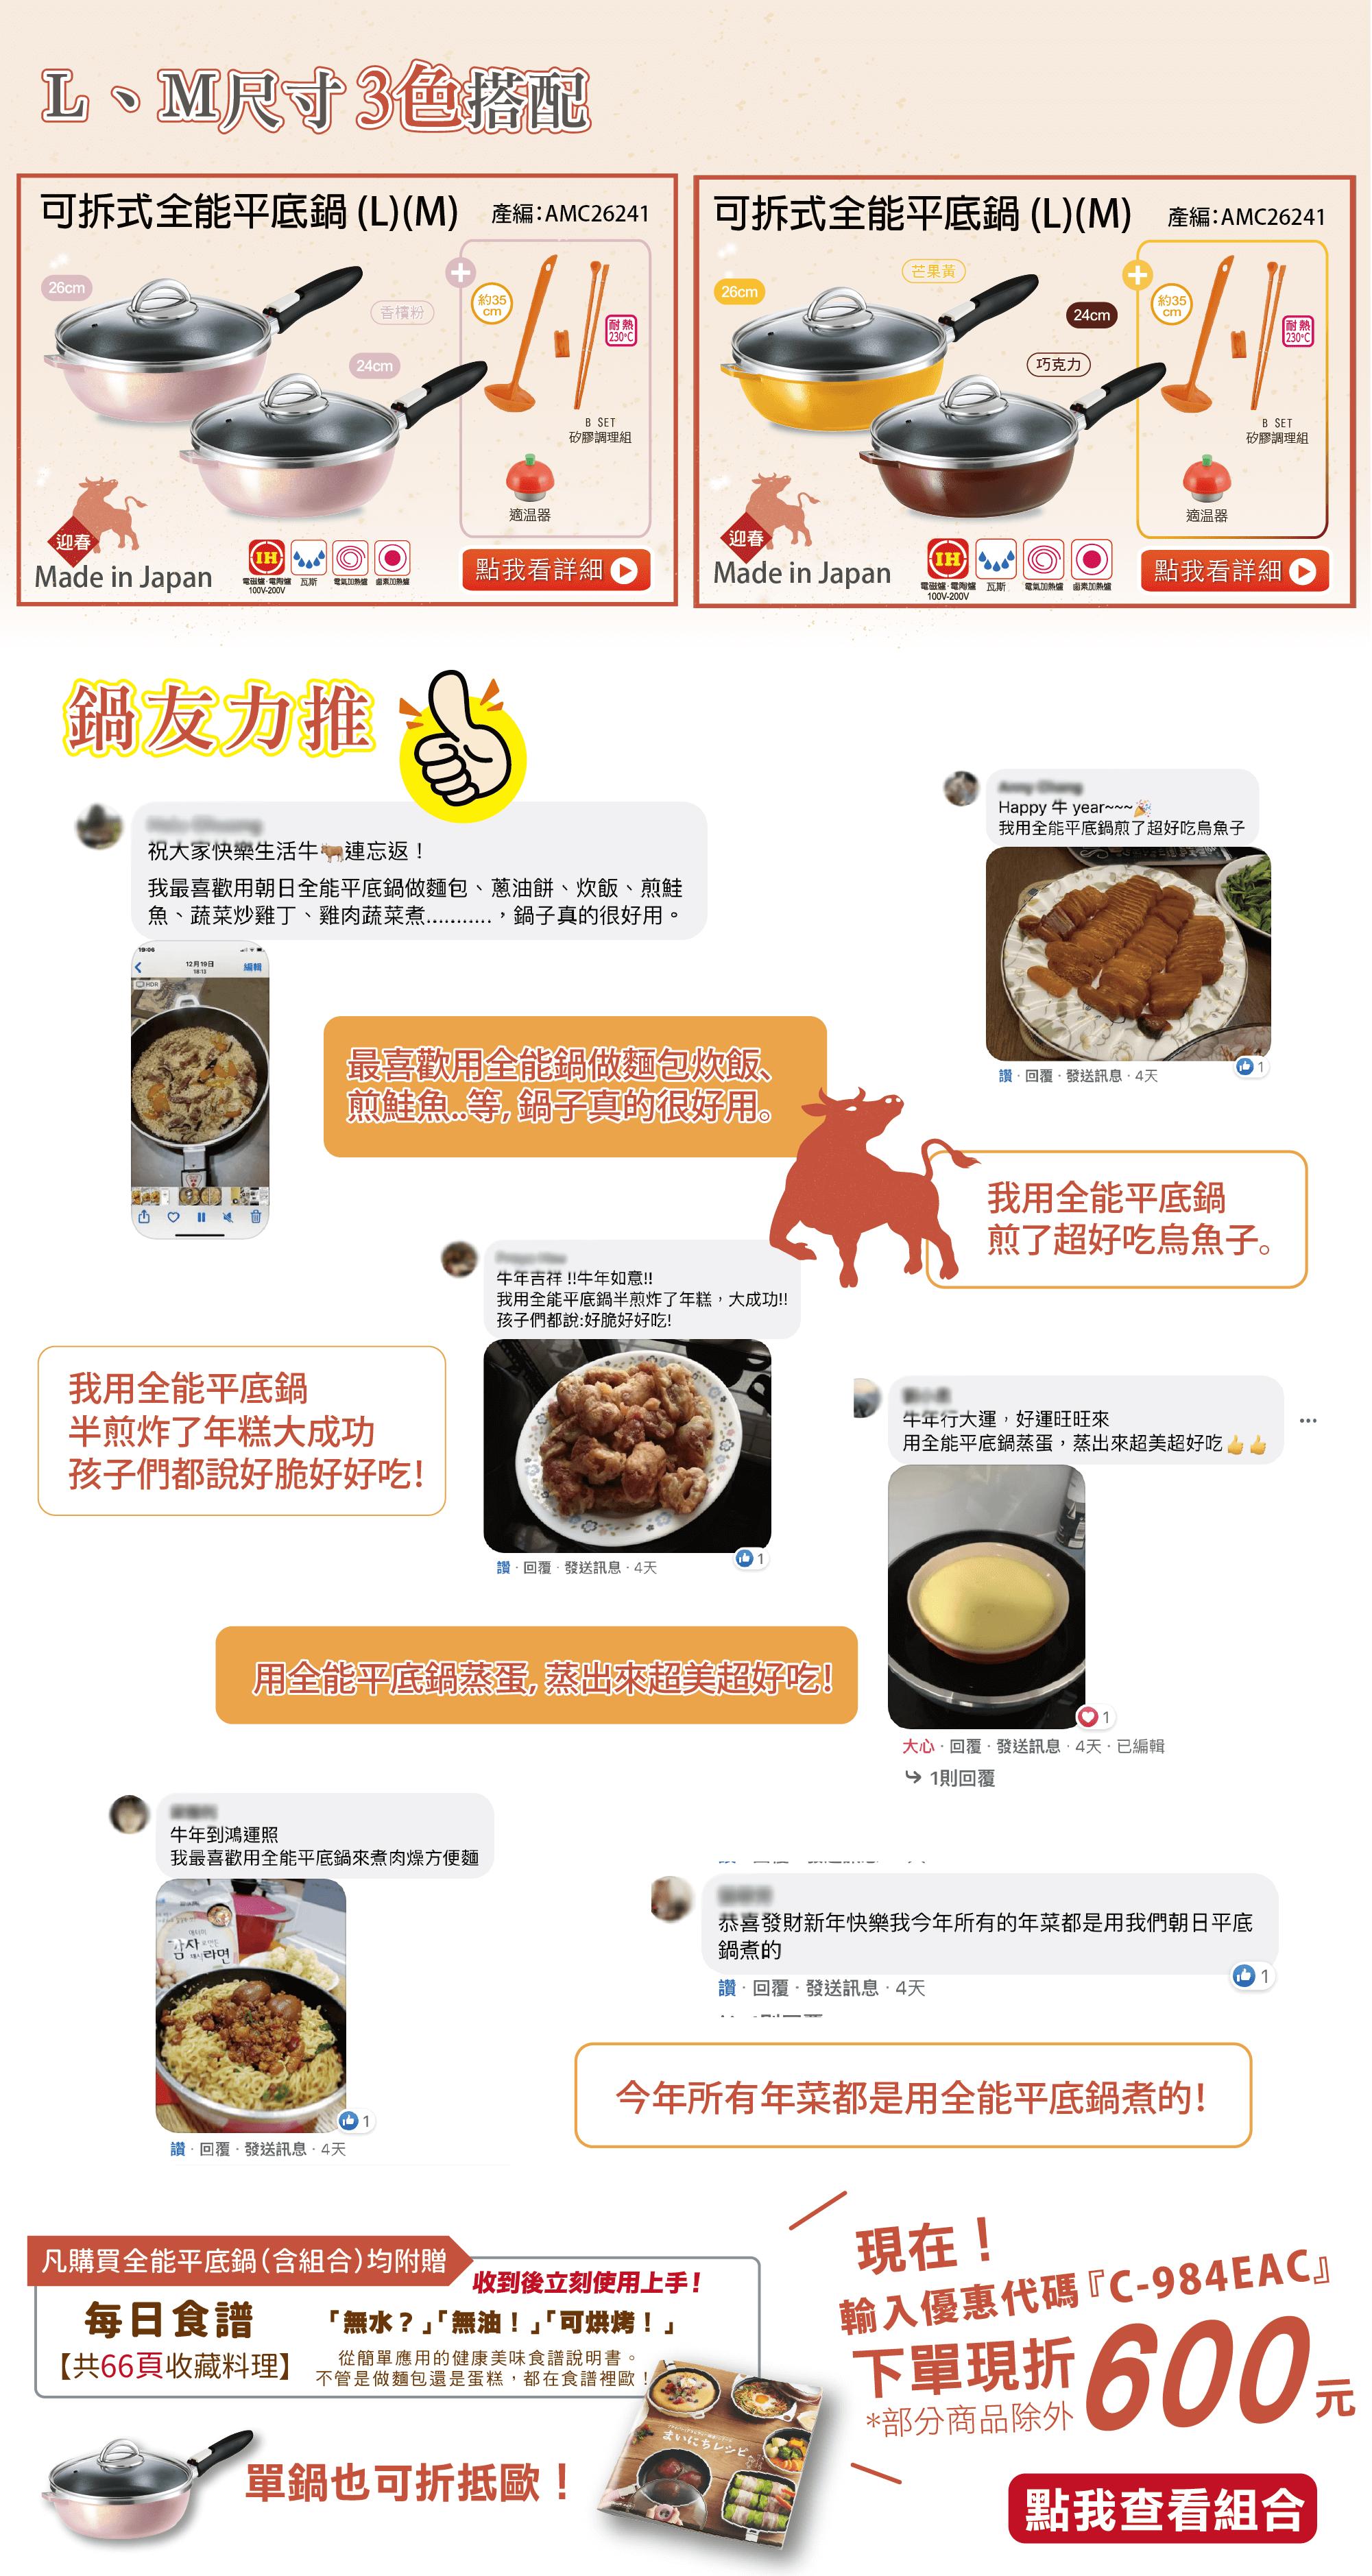 日本製鍋子推薦,全能鍋推薦,平底不沾鍋,日本製鍋具,換鍋優惠,平底鍋優惠